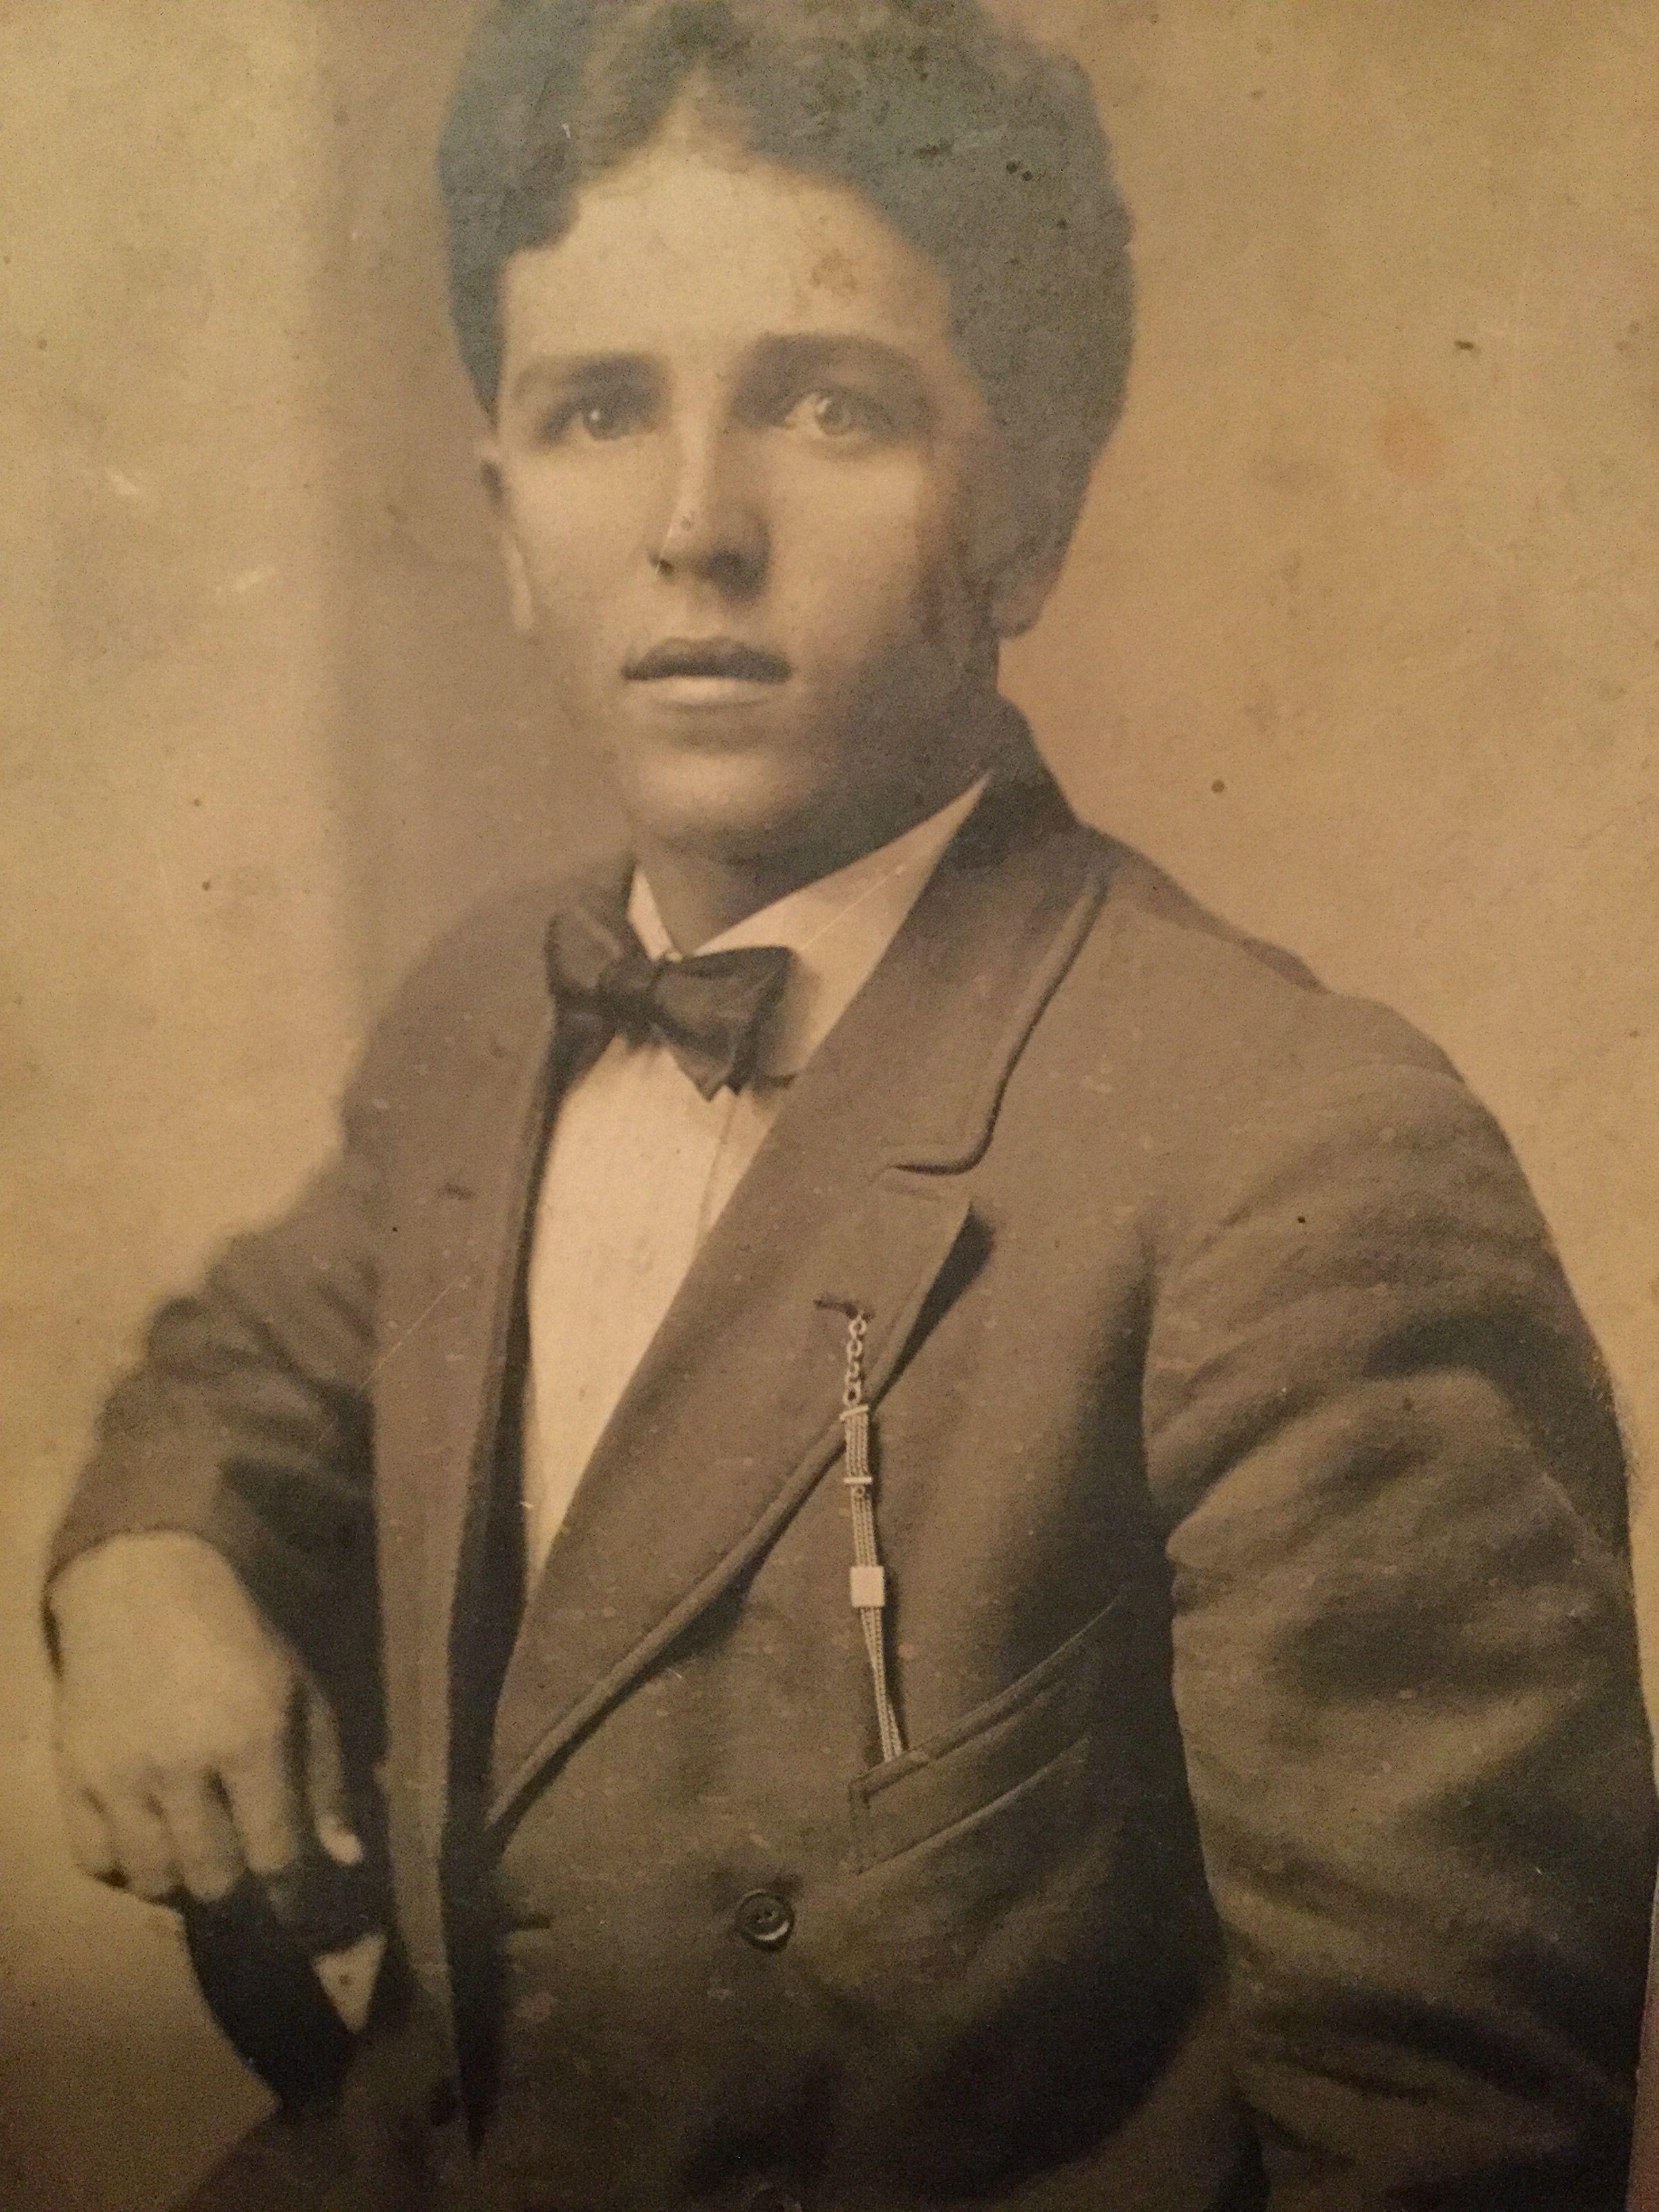 Green Lee Cash (18921924) Picture was taken around 1917